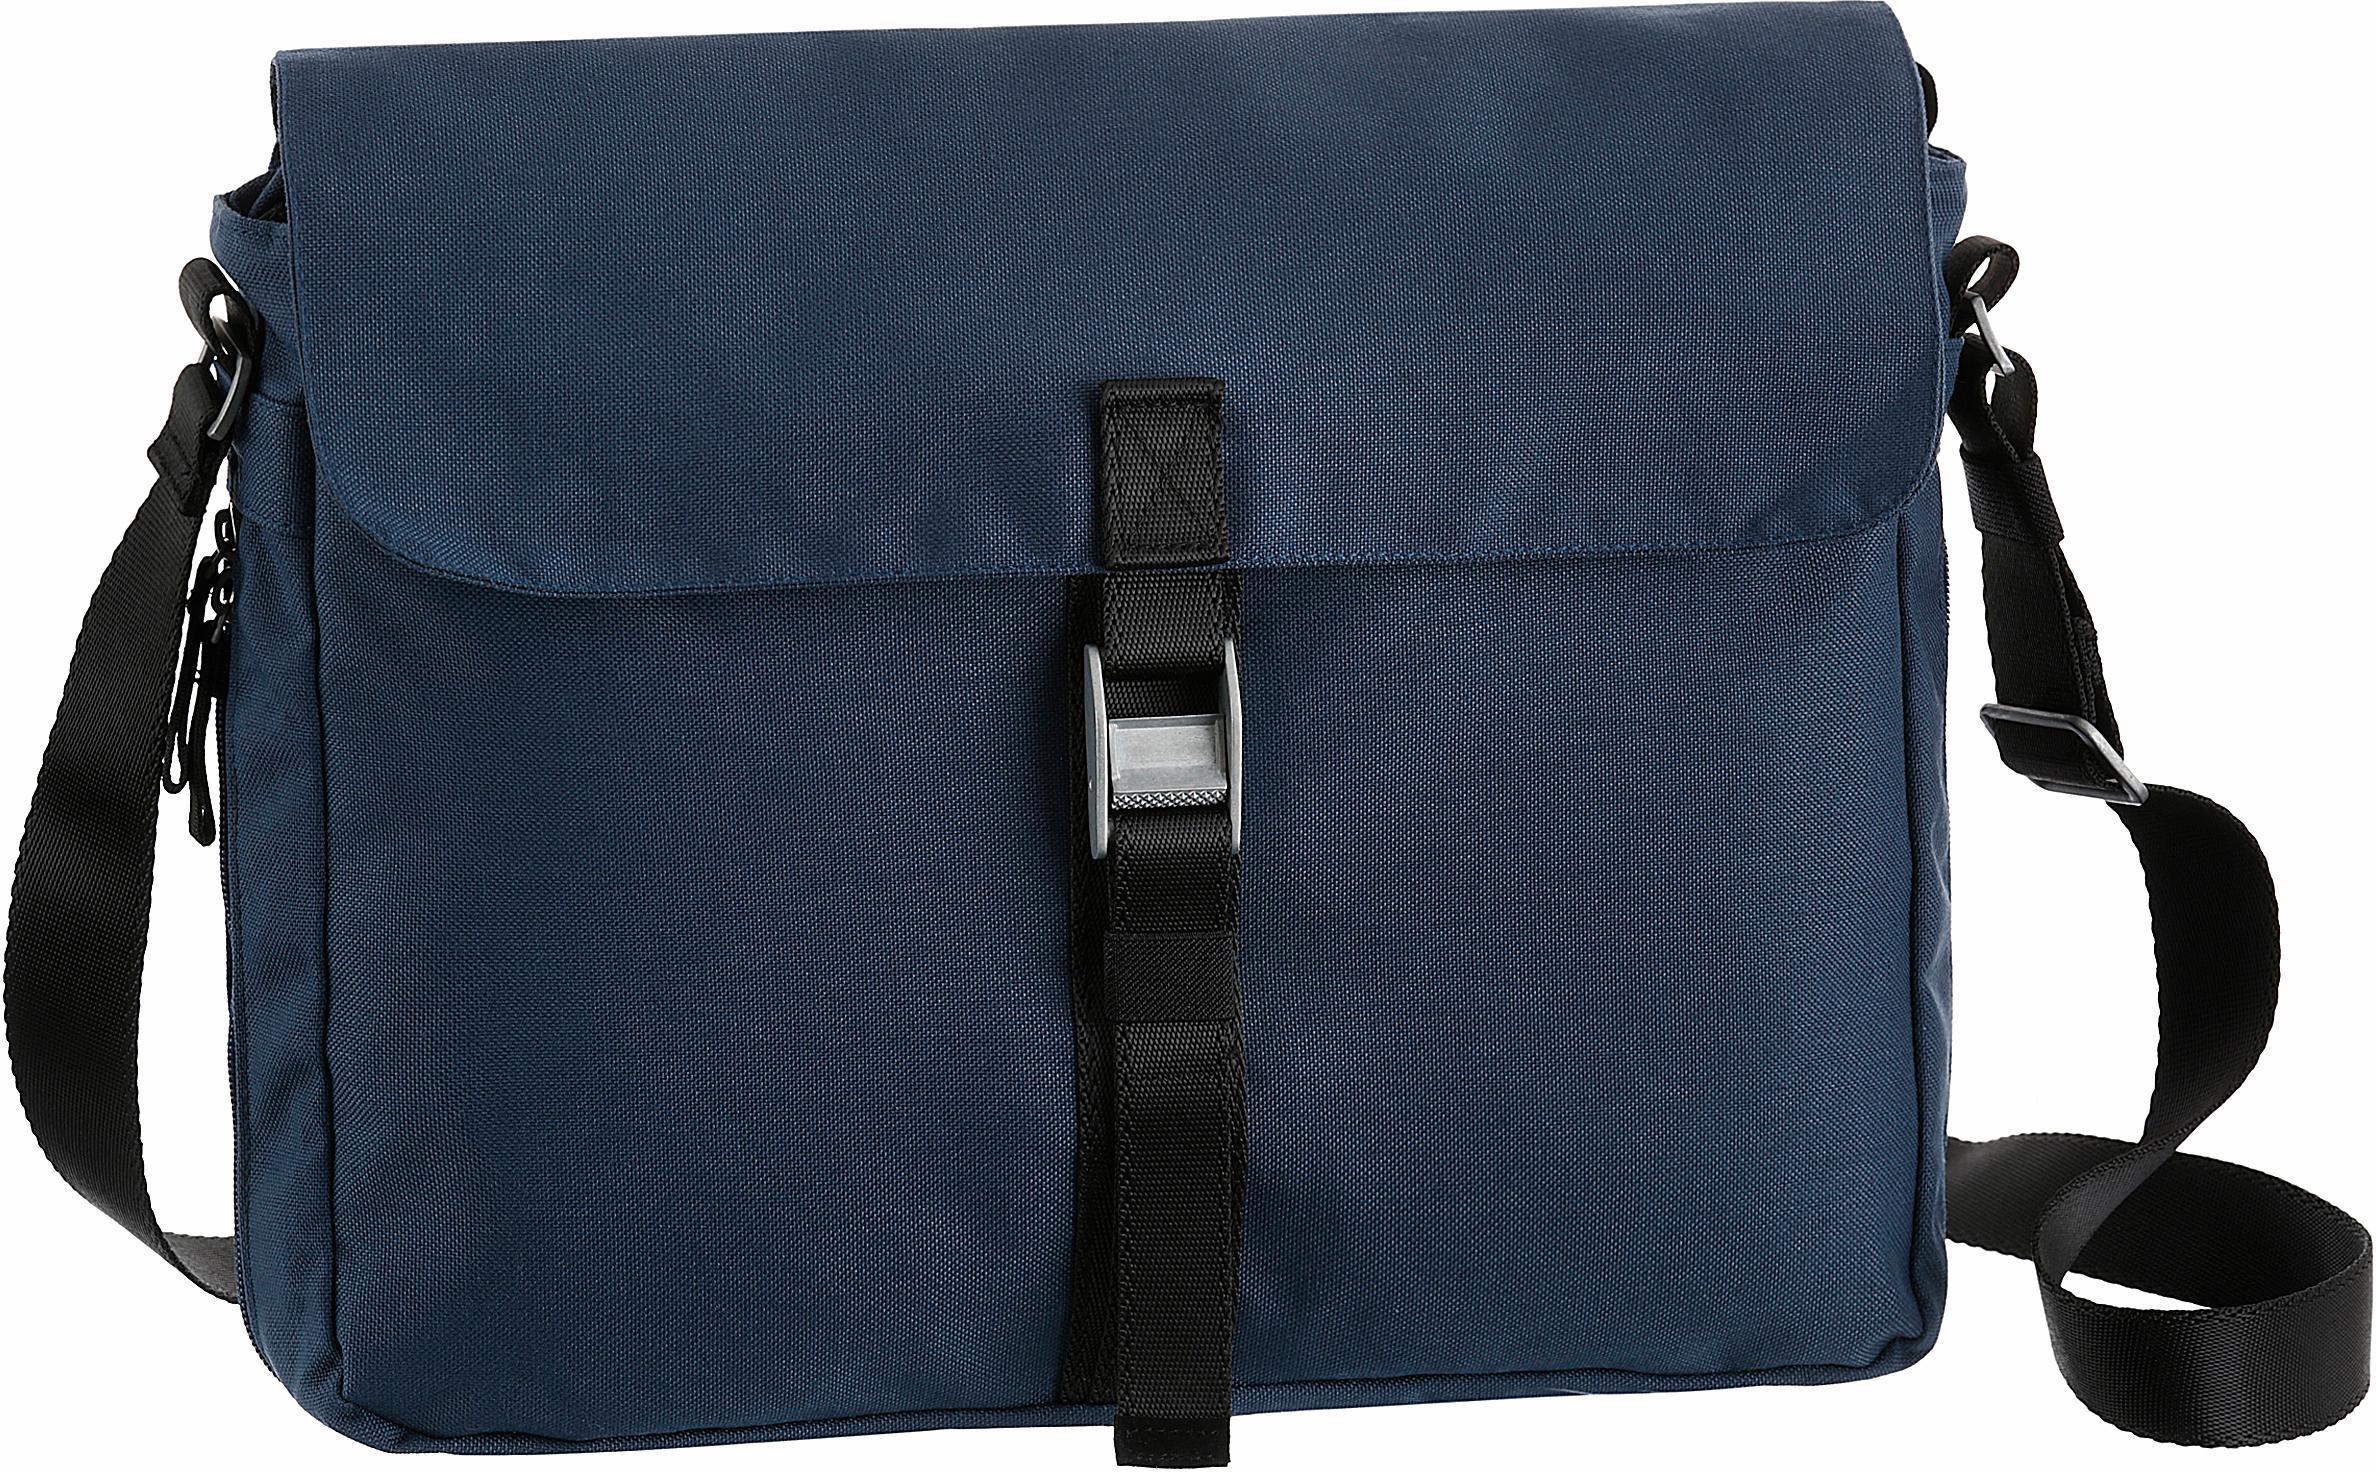 8fbaa901c5e1c Blaue Umhängetasche Preisvergleich • Die besten Angebote online kaufen